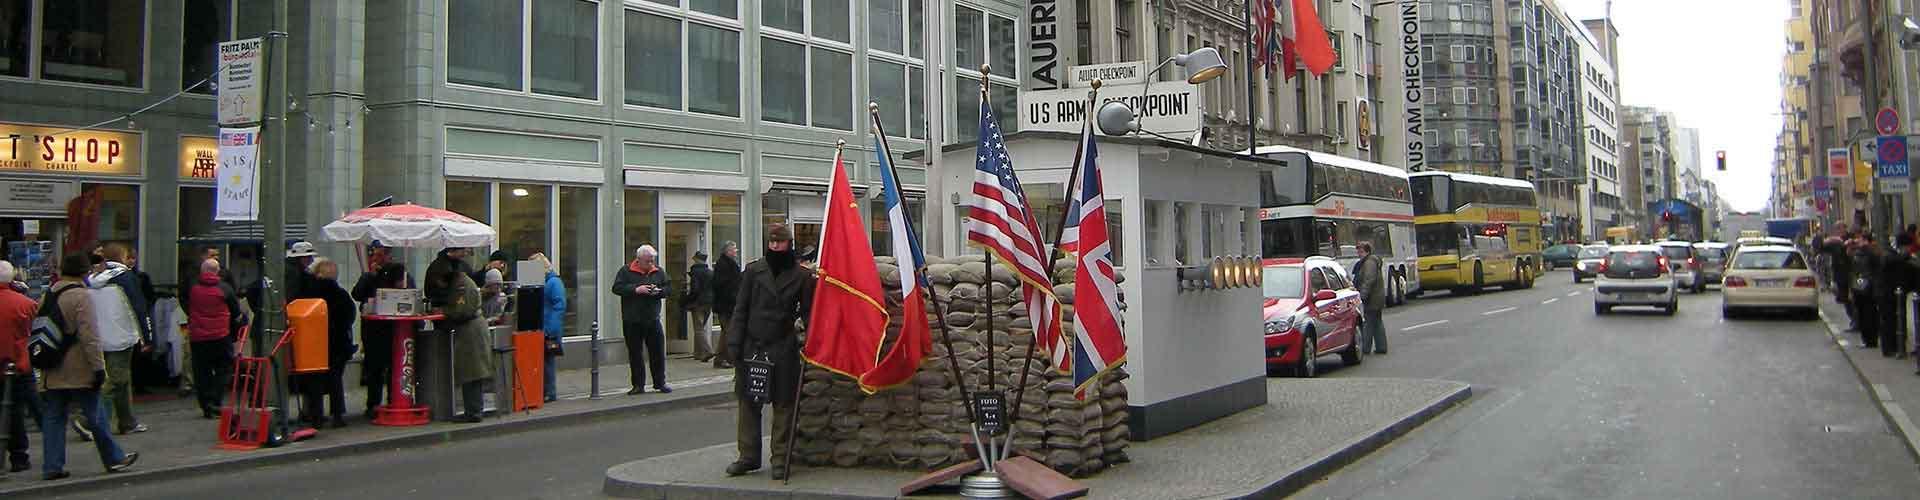 Berlín - Hostelů v blízkosti Checkpoint Charlie. Mapy pro Berlín, fotky a recenze pro každý hostel v Berlín.